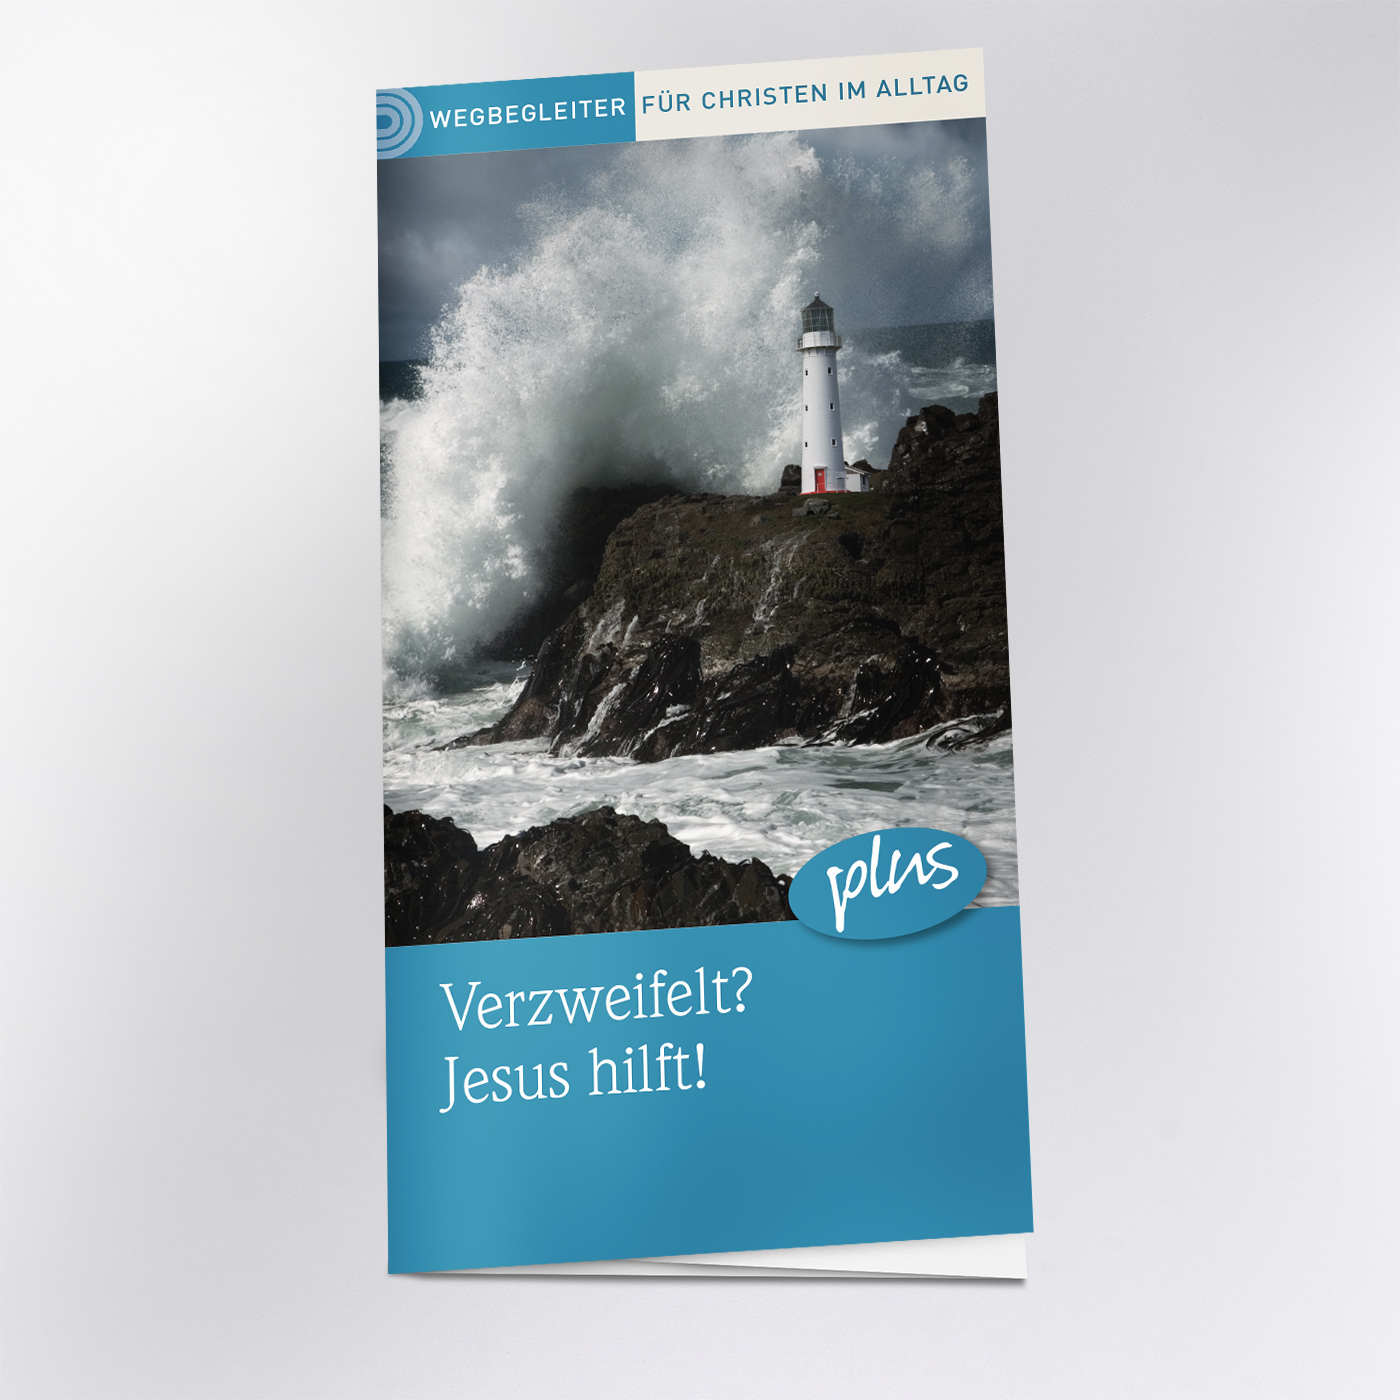 Hilfe für Christen in Verzweiflung